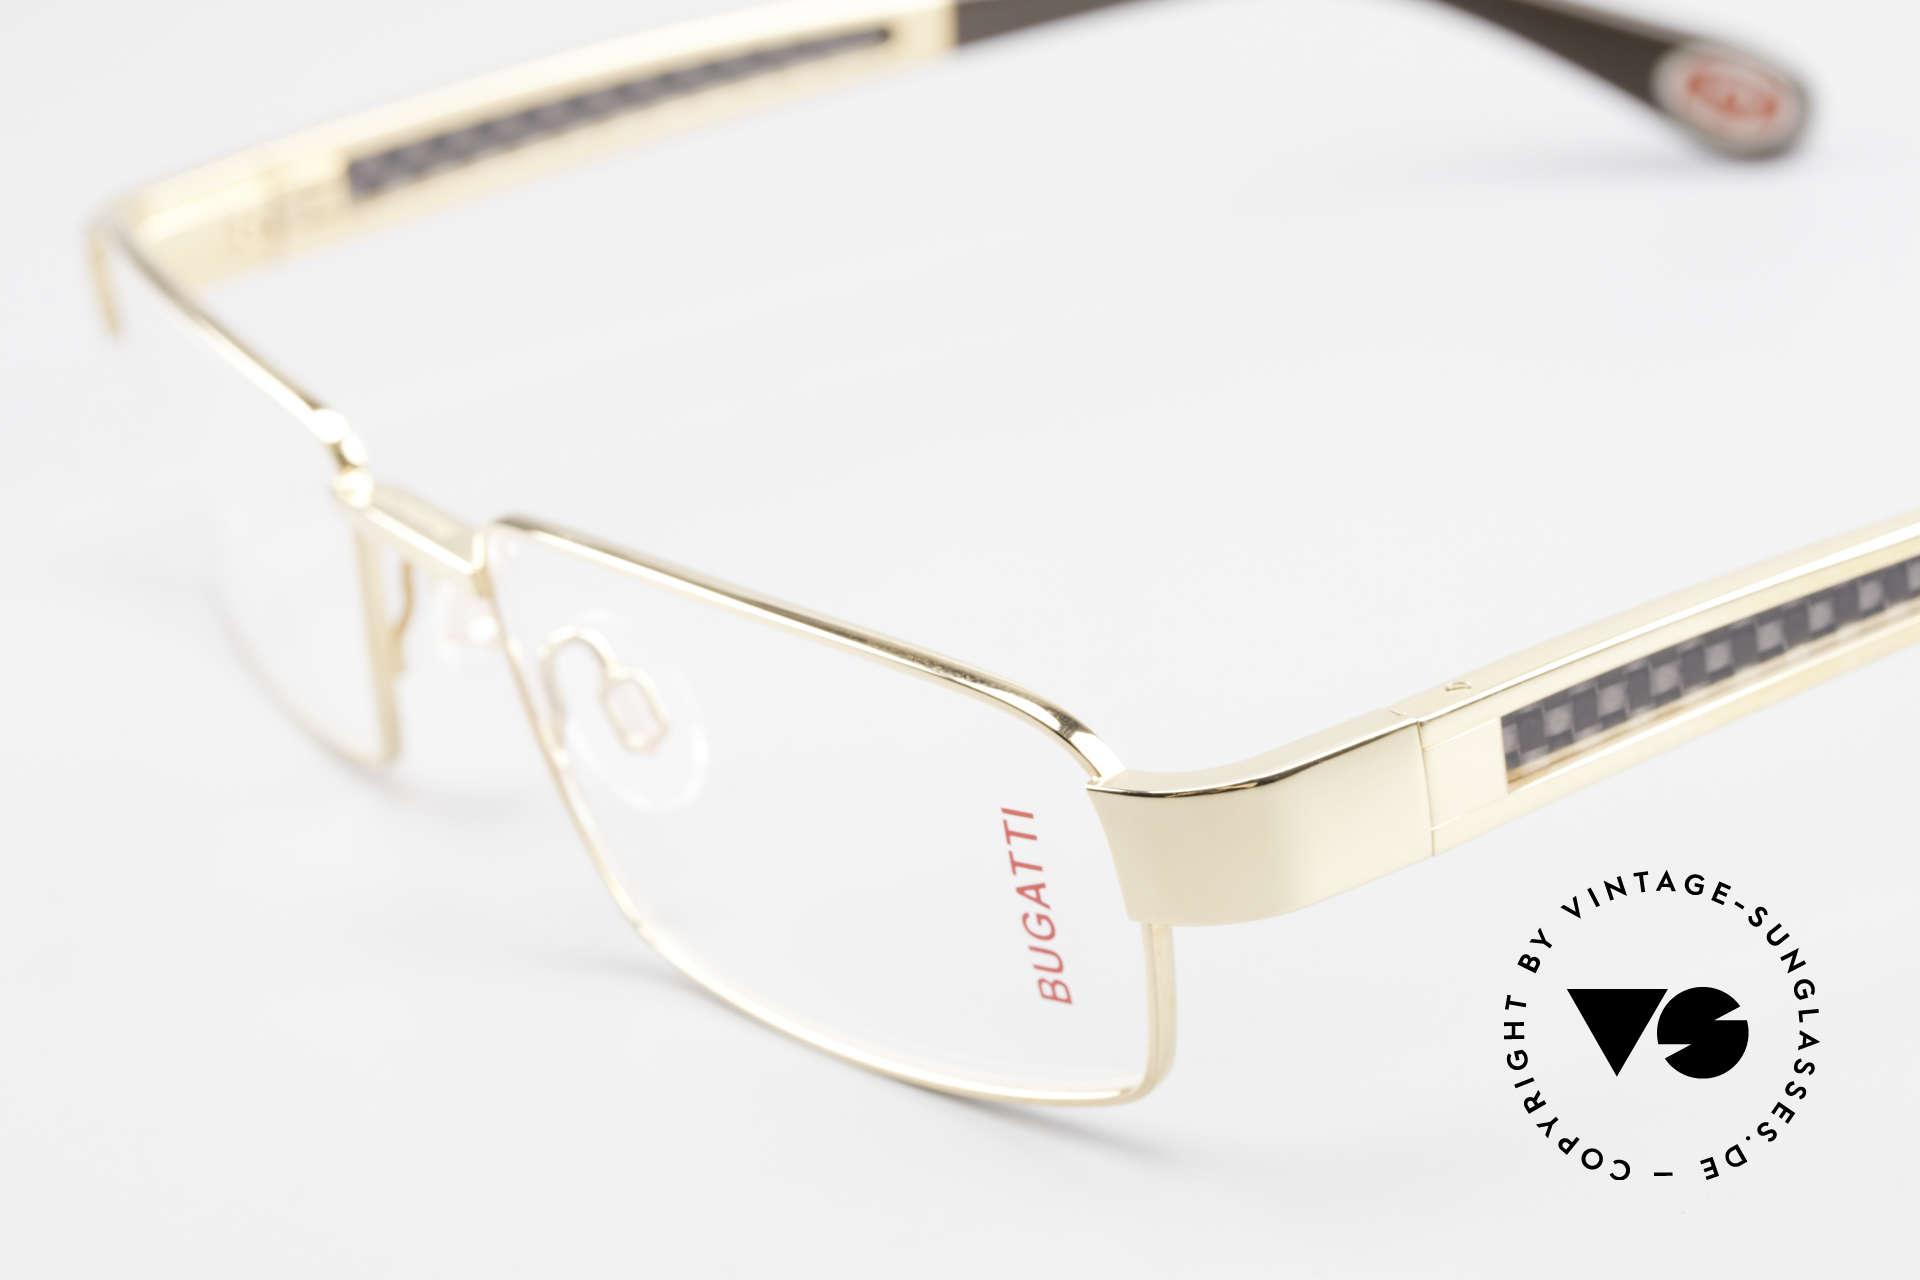 Bugatti 525 Titanium Brille Carbon Gold, flexible Federscharniere für eine optimale Passform, Passend für Herren